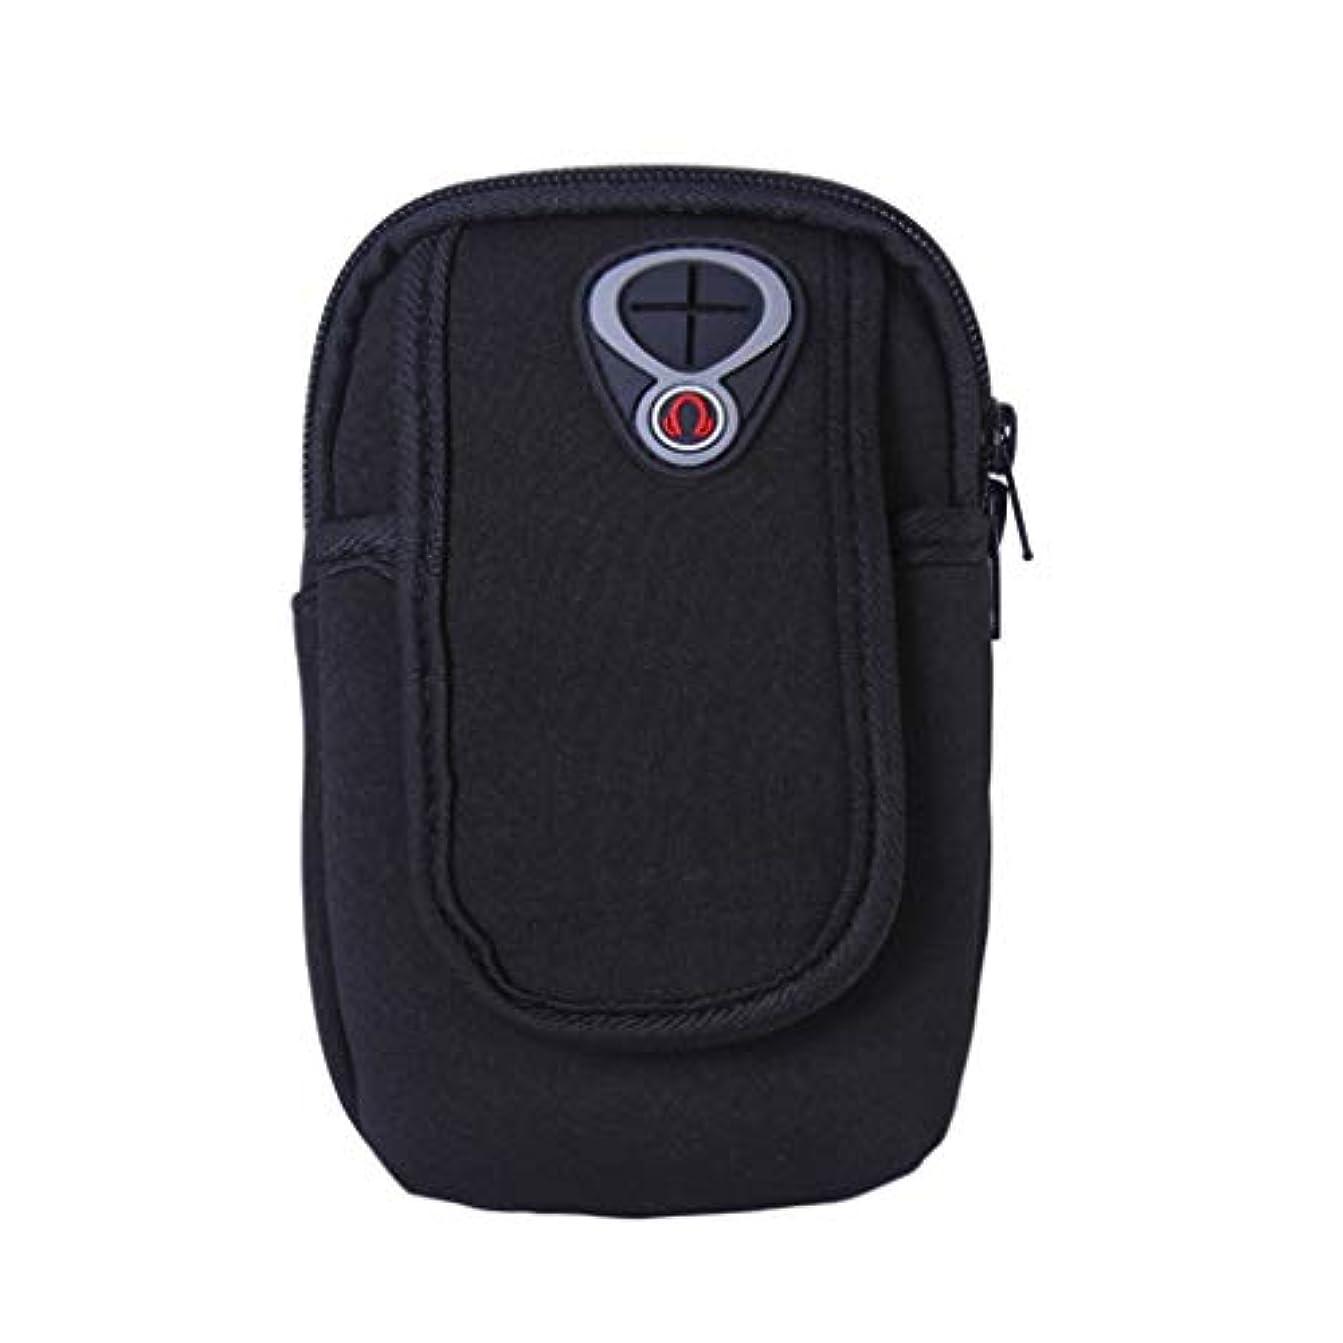 苦情文句恐ろしいです通知スマートフォンホルダー 携帯ケース YOKINO 通気性抜群 小物収納 防水防汗 軽量 縫い目なし 調節可能 男女共用